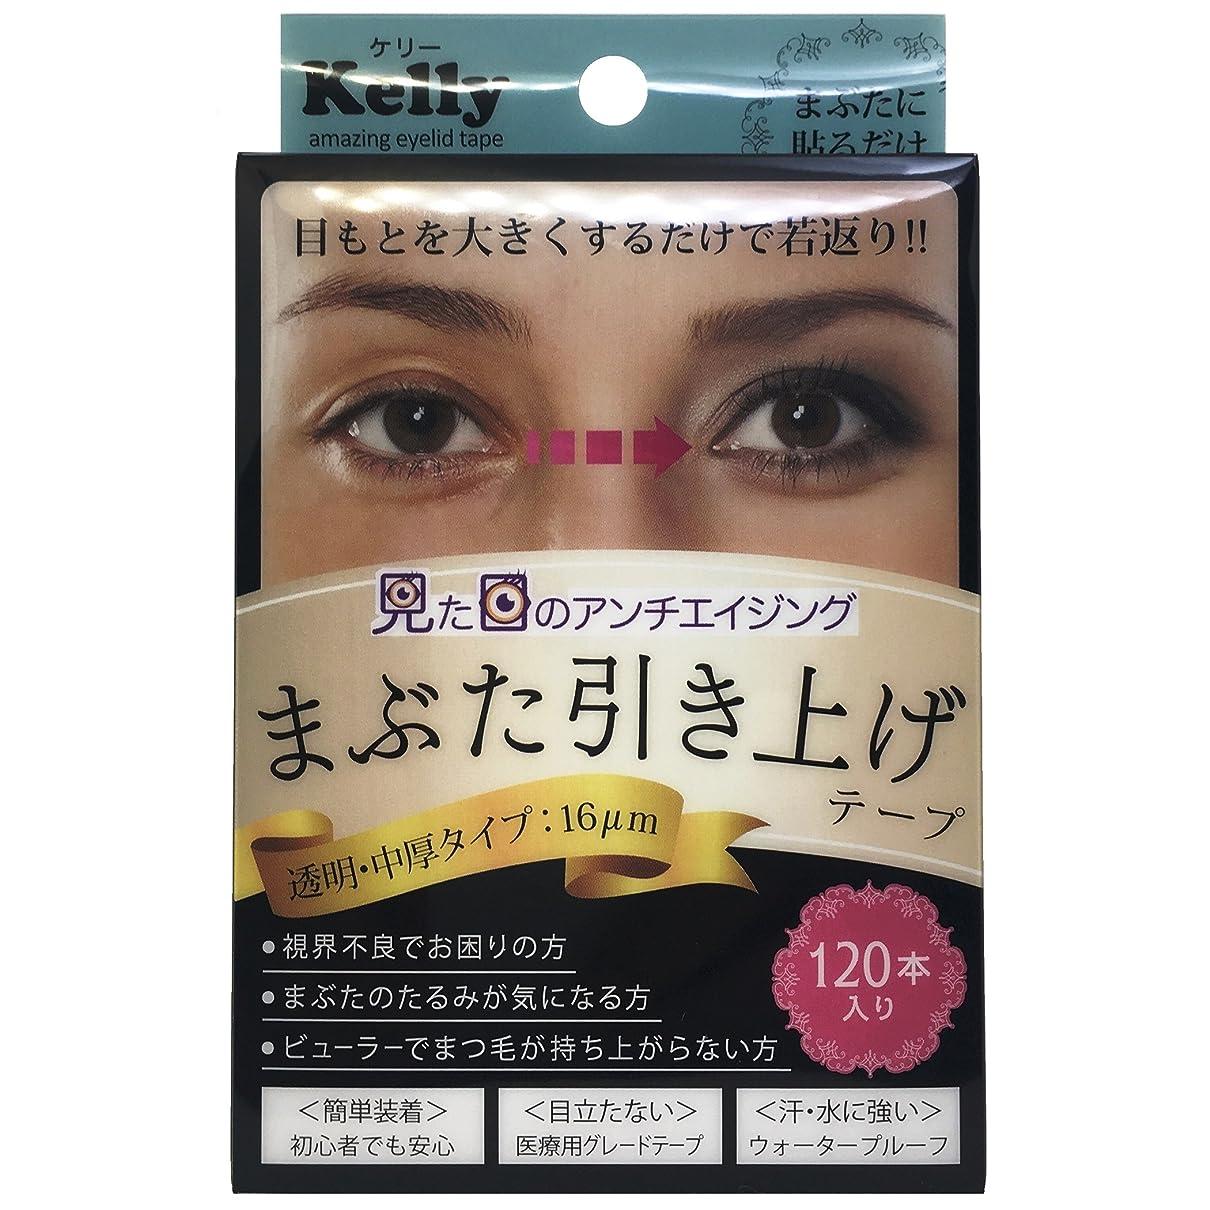 施設子供達案件ケリー アメイジングアイリッドテープ 〈眼瞼下垂防止テープ〉 クリア 両面 中厚芯 (120枚入)